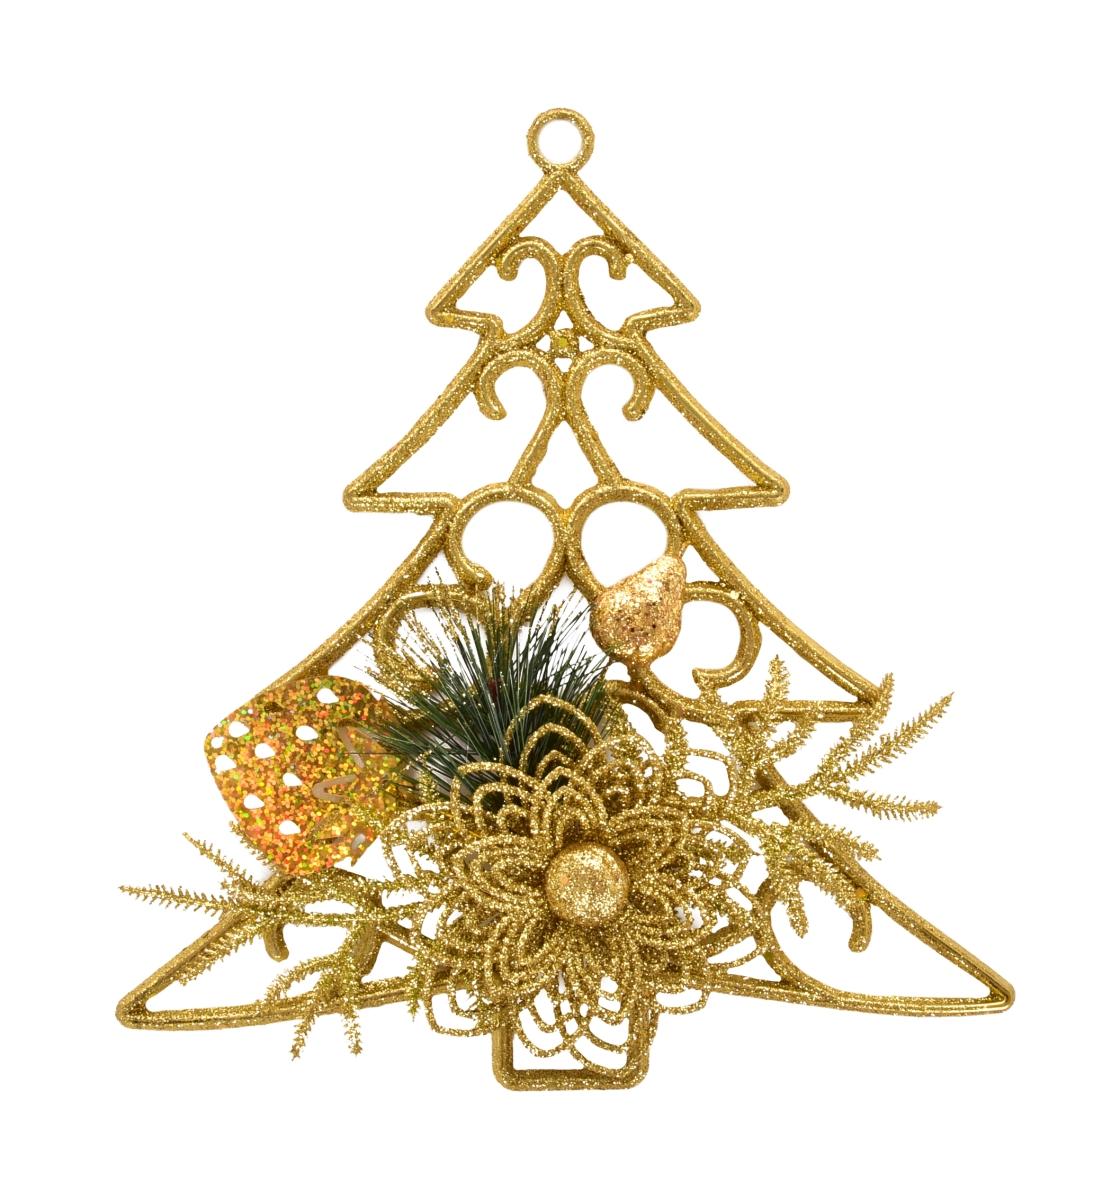 Závěsná dekorace ve tvaru stromku